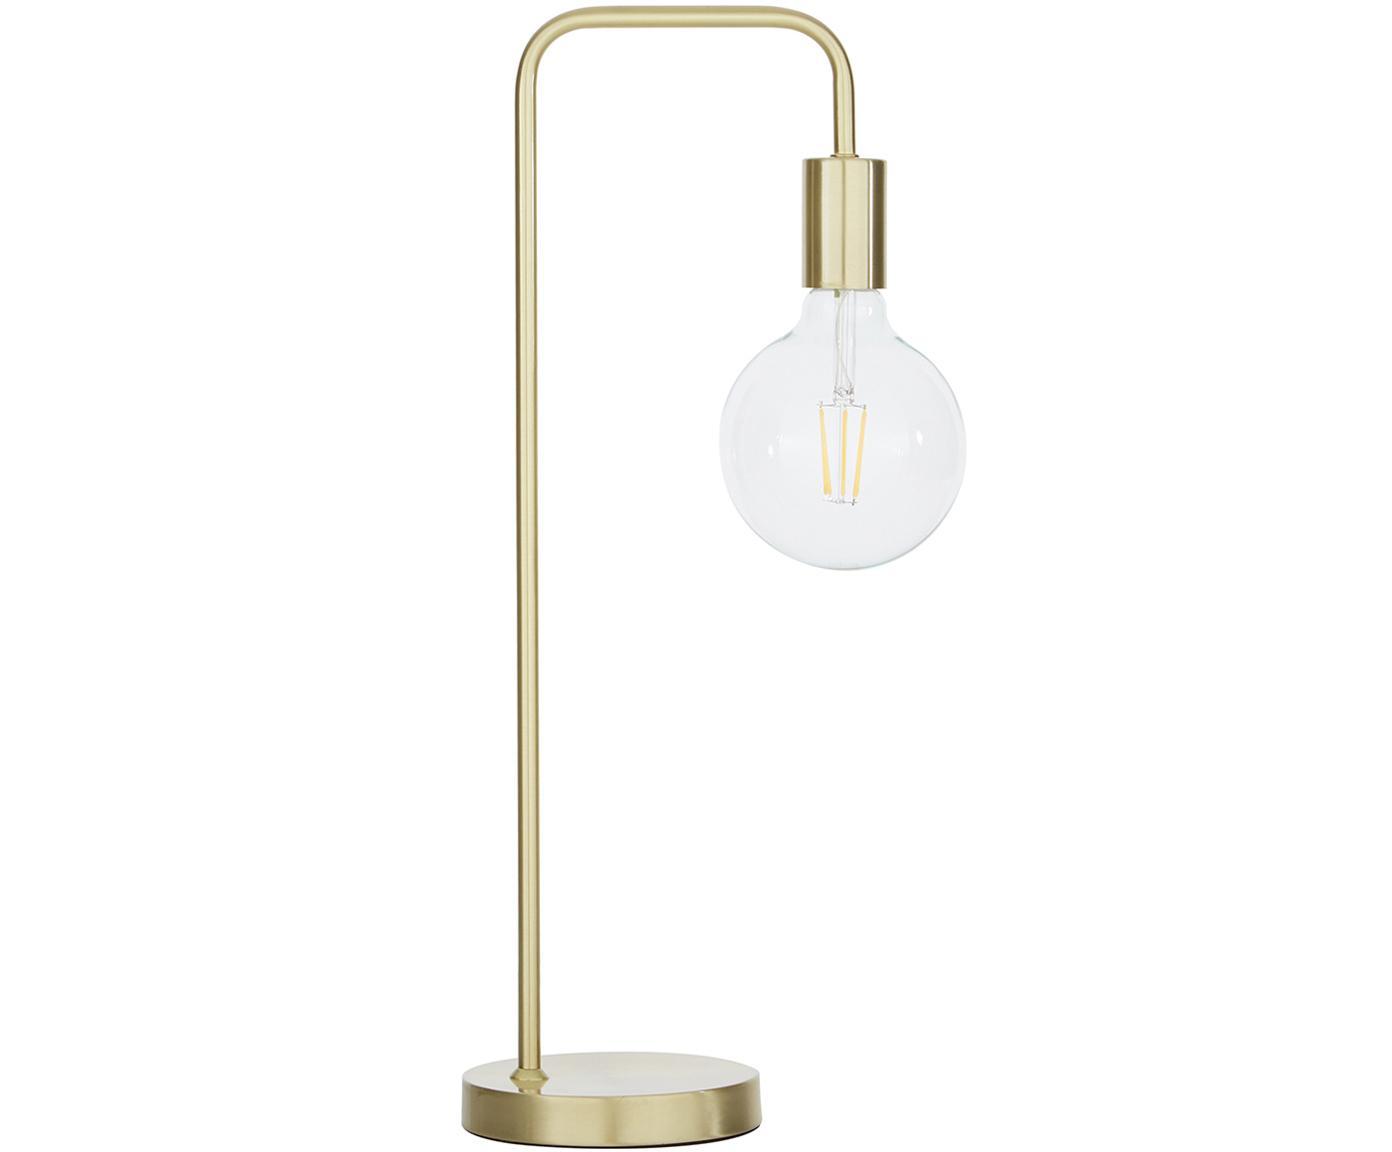 Schreibtischlampe Flow, Messing, gebürstet, 22 x 56 cm